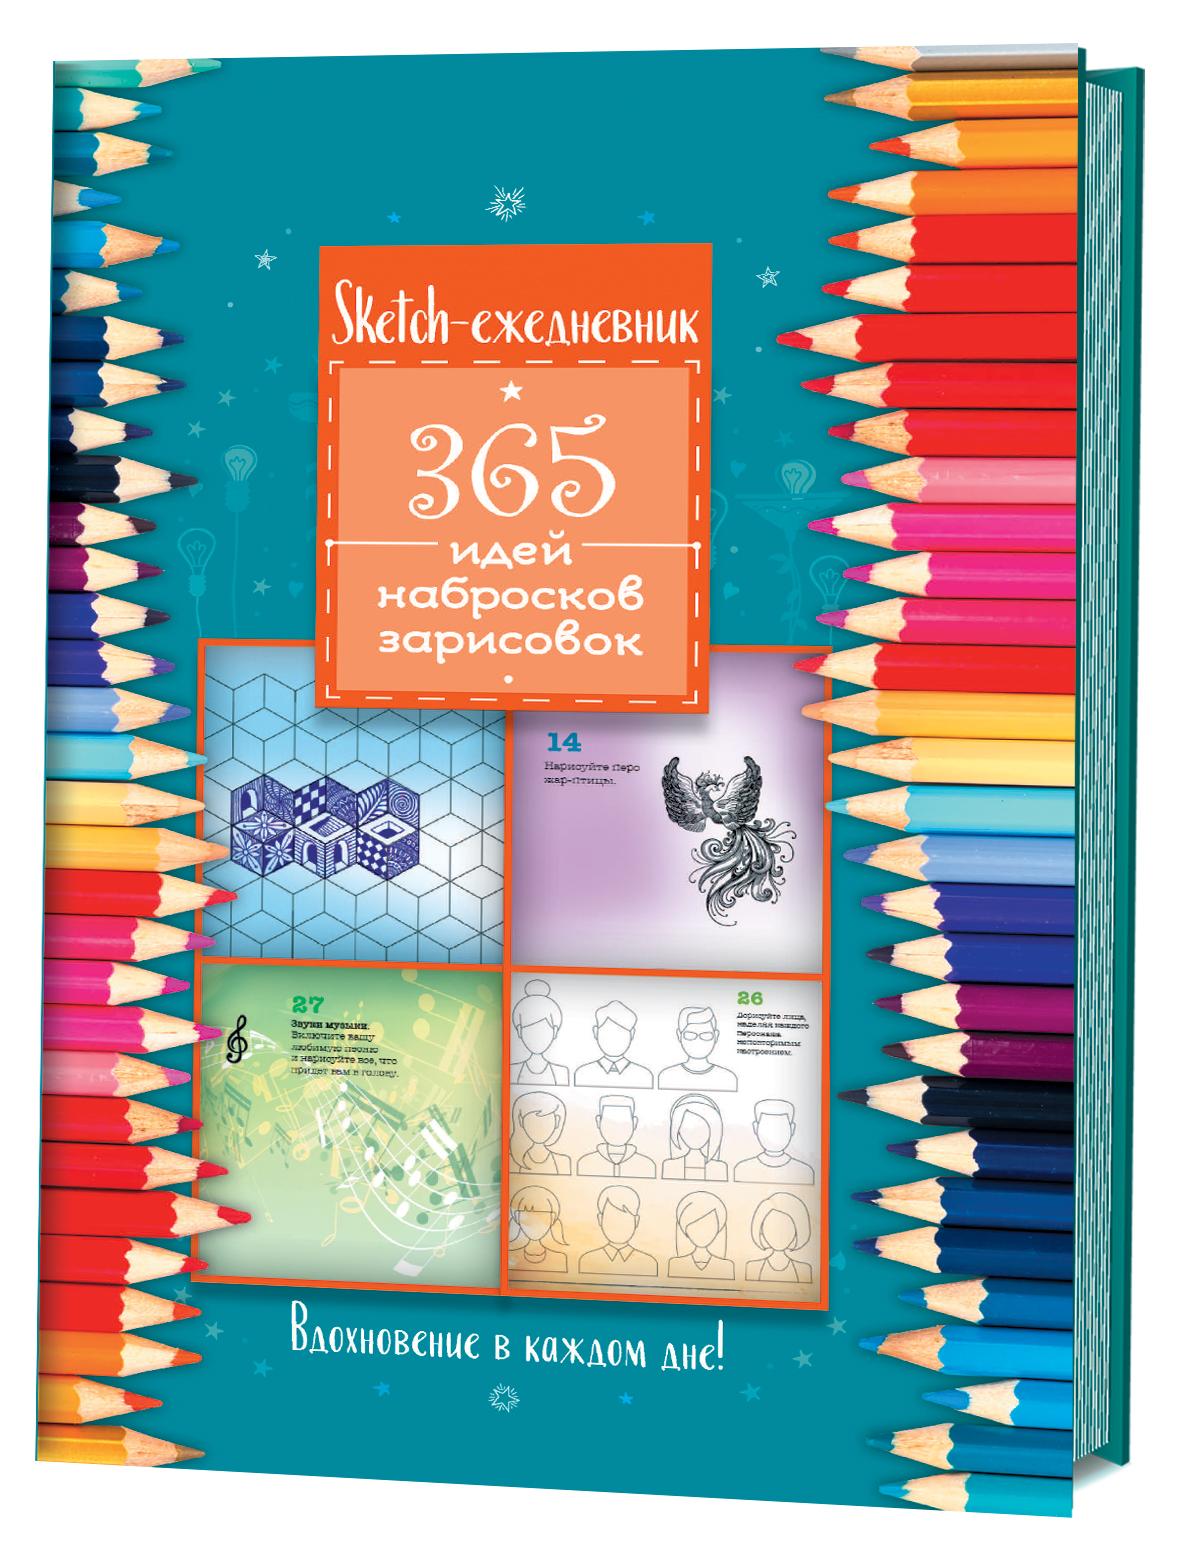 Анастасия Потапова Sketch-ежедневник. 365 идей, набросков, зарисовок. Вдохновение в каждом дне! скетч ежедневник 365 идей цветные карандаши